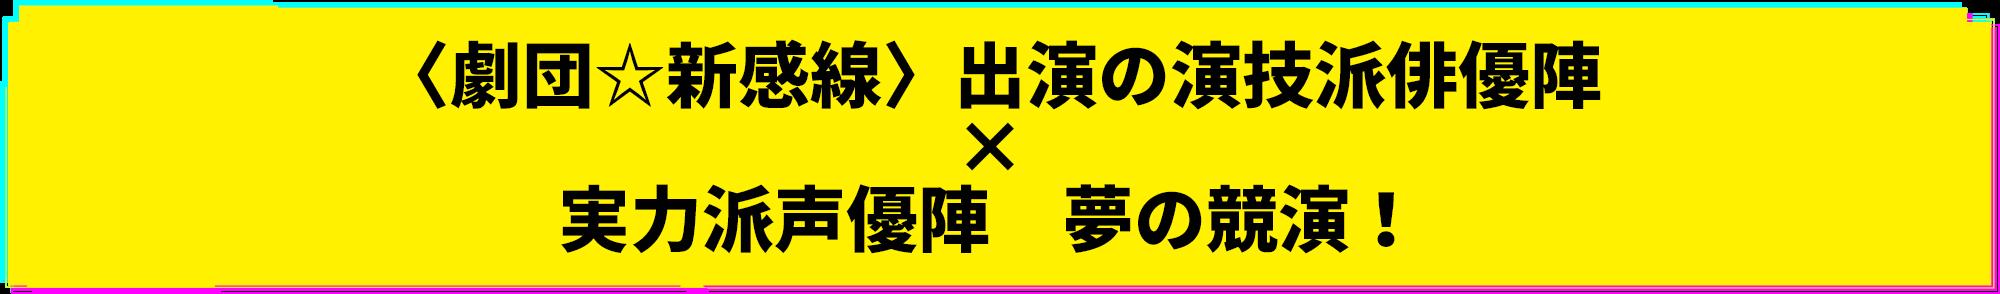 〈劇団☆新感線〉出演の演技派俳優陣×実力派声優陣 夢の競演!